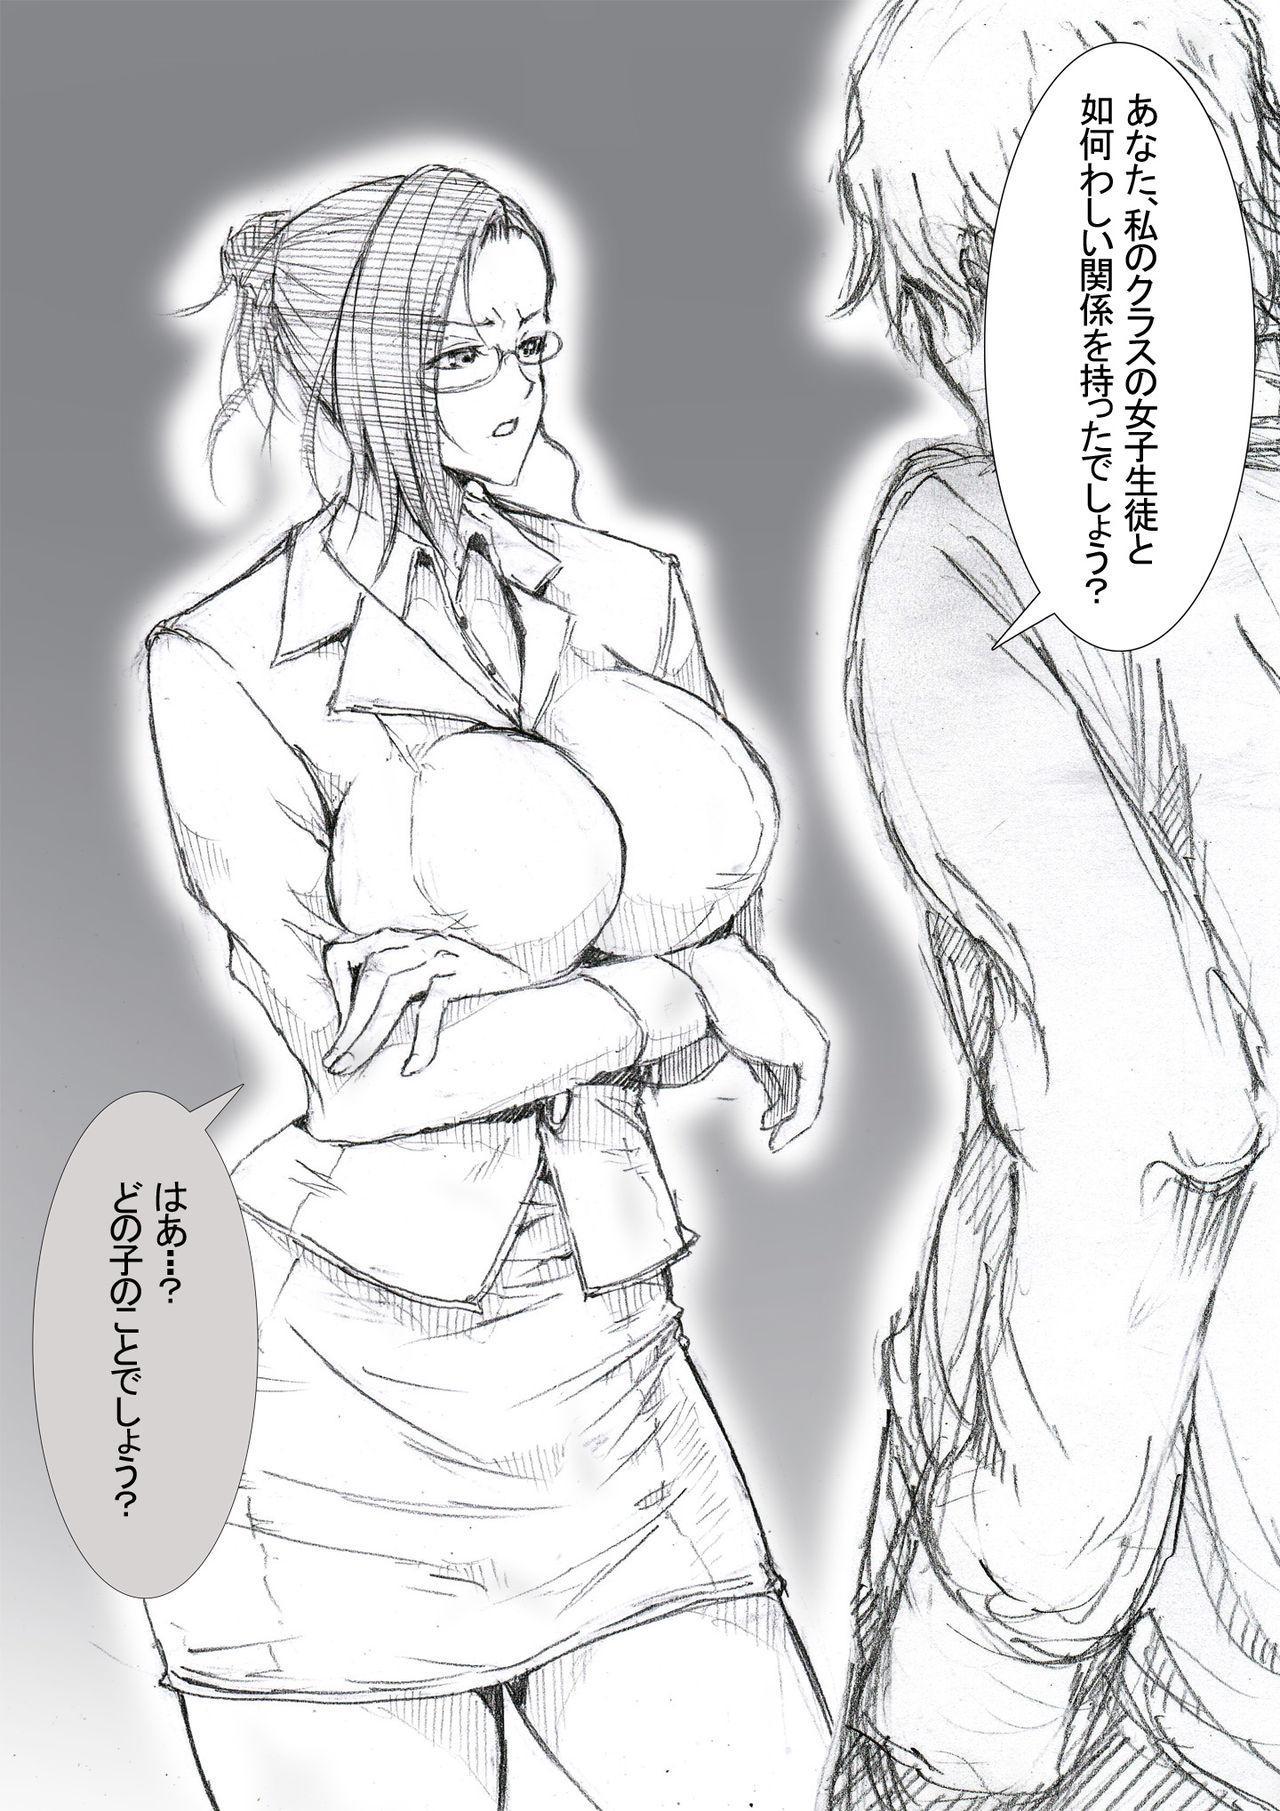 Ichinose Mikako no Baai 4